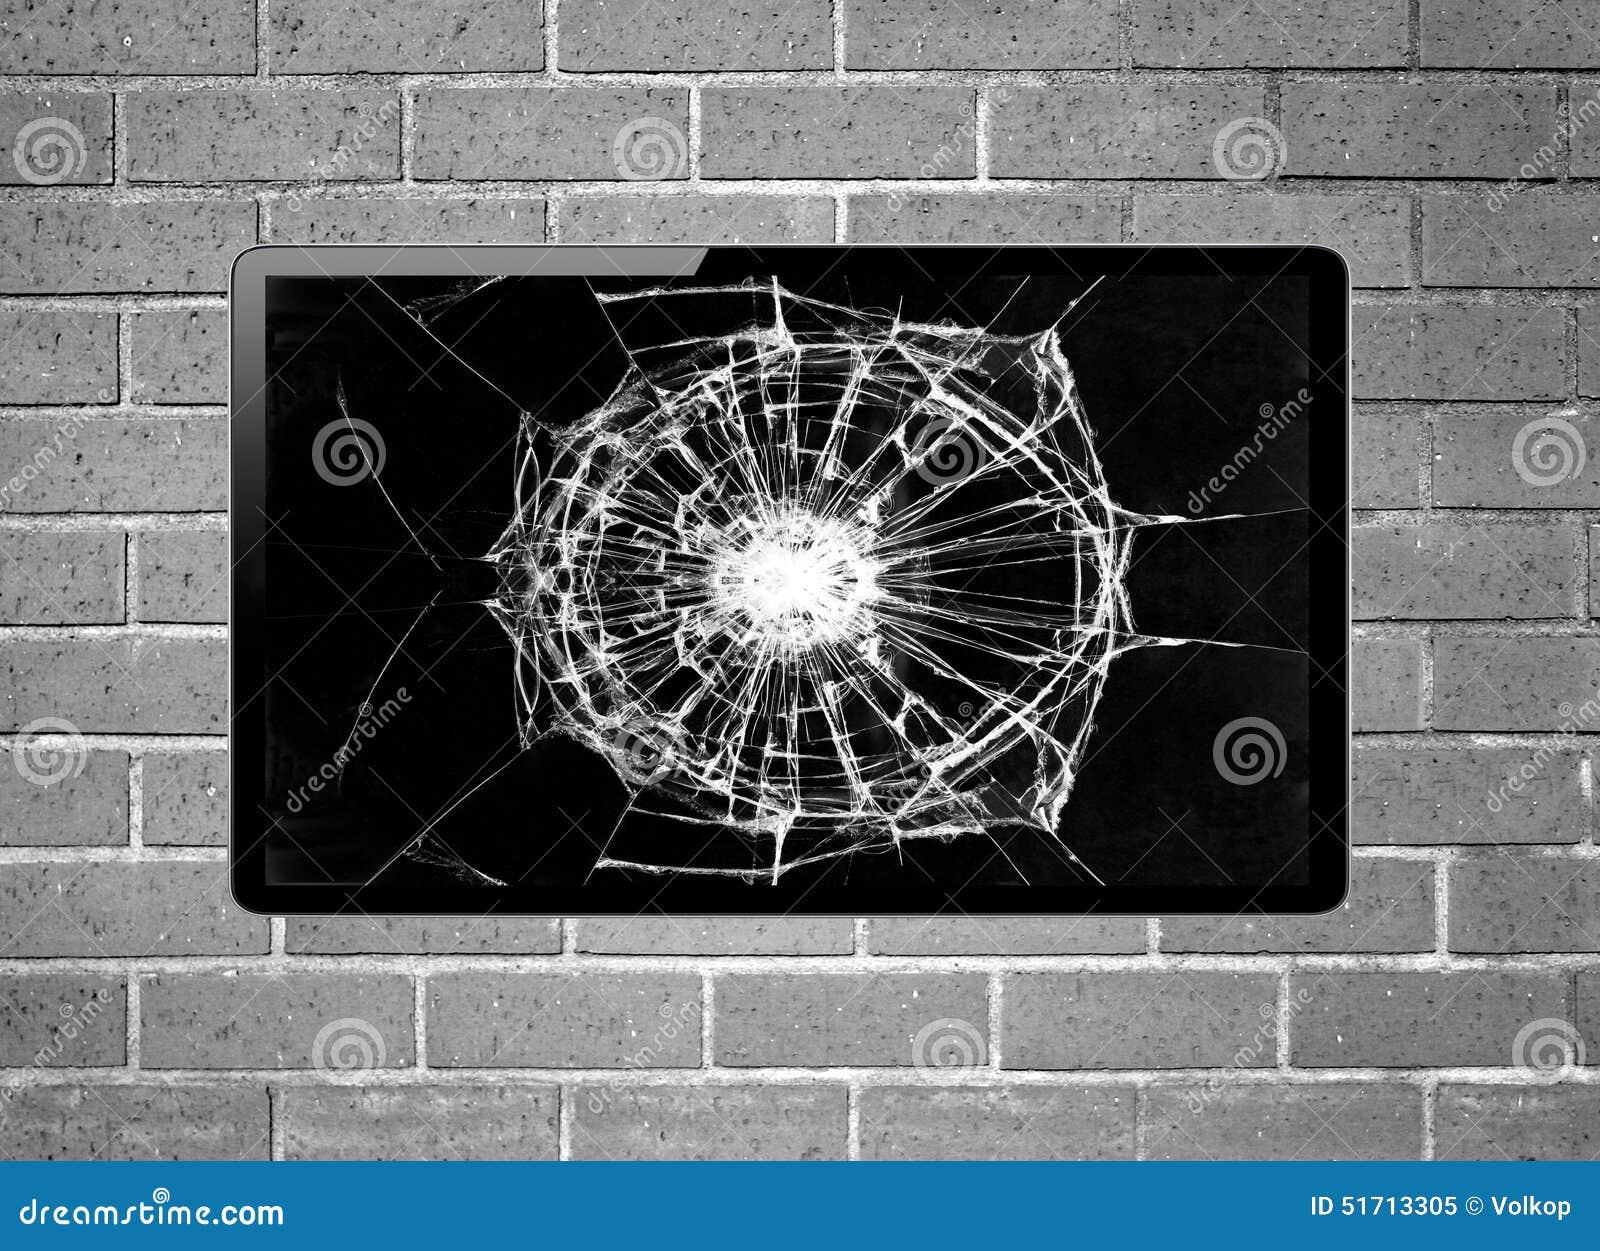 Affichage à Cristaux Liquides TV D'écran Vide Avec L'écran Cassé Accrochant Sur Un Mur Image ...